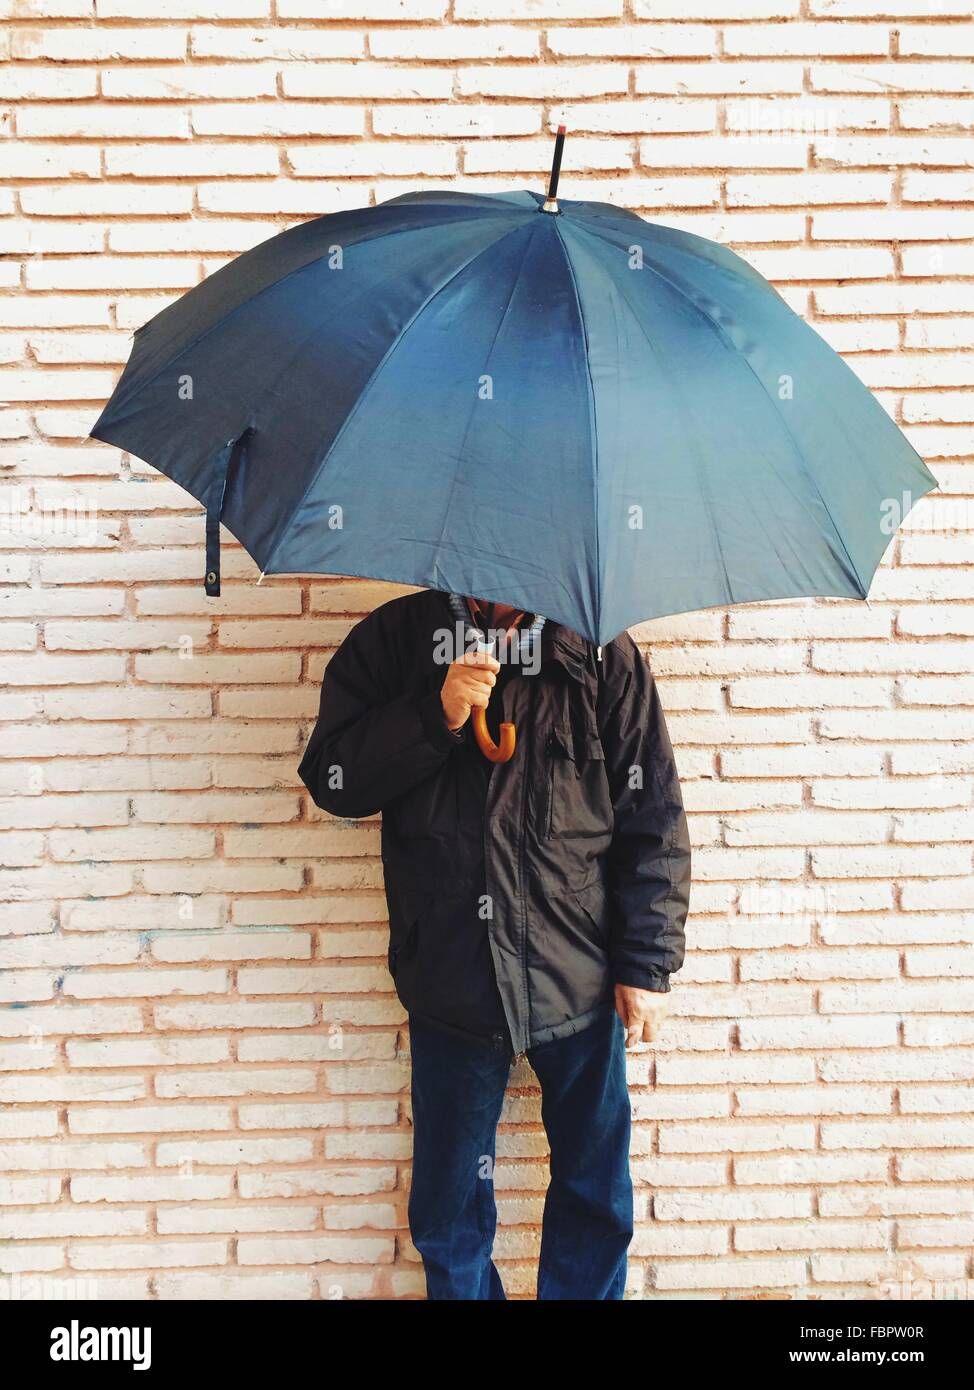 Hombre maduro sosteniendo paraguas contra la pared de ladrillo Imagen De Stock